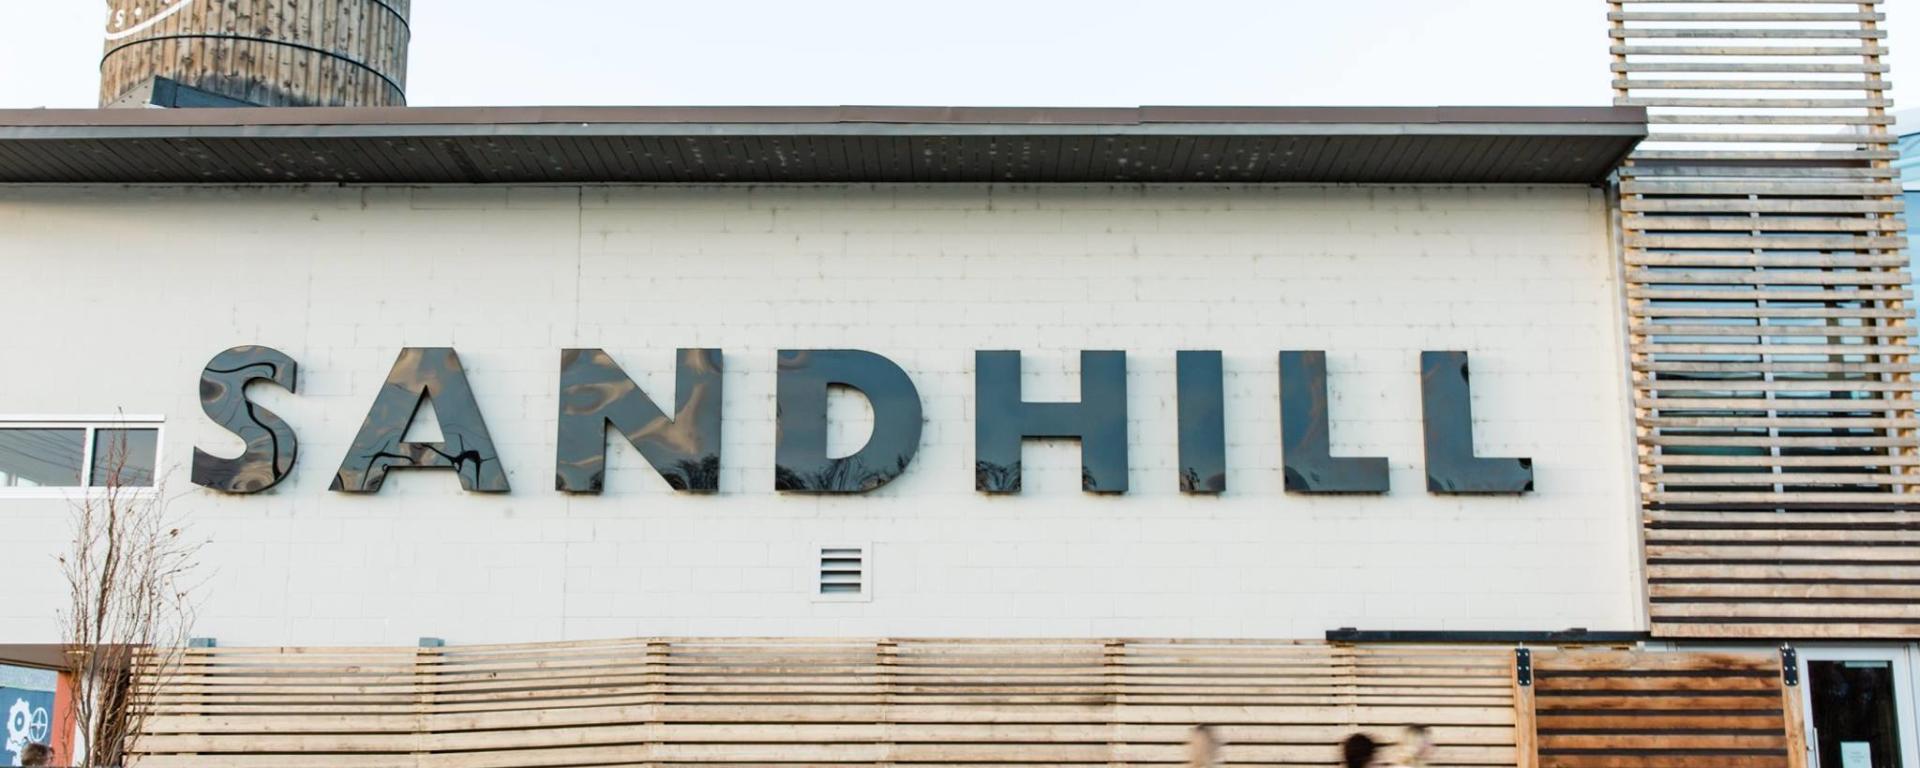 Sandhill Exterior